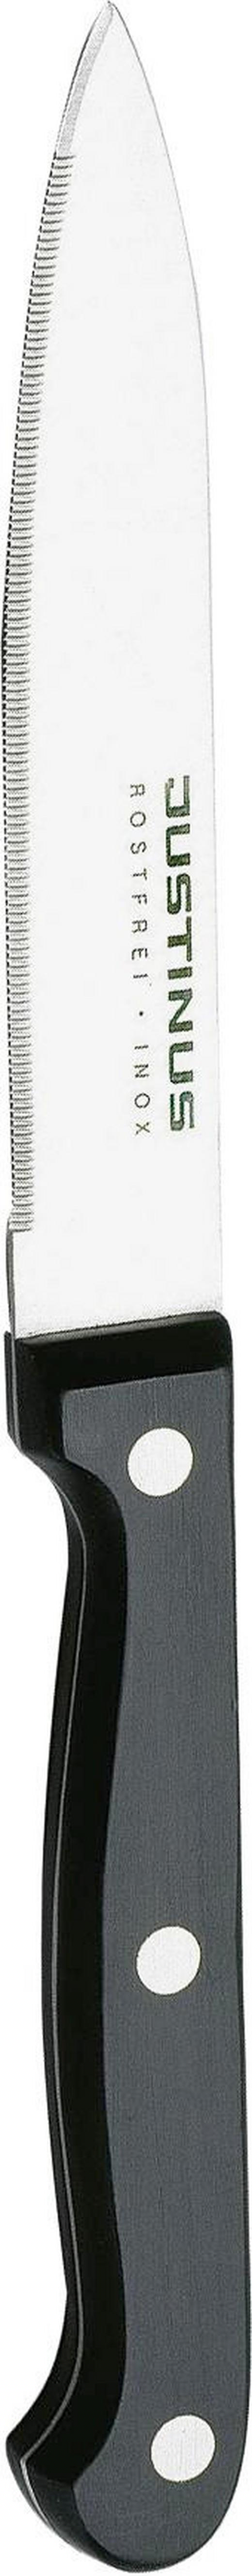 TOMATENMESSER 21 cm - Silberfarben/Schwarz, KONVENTIONELL, Kunststoff/Metall (21cm) - JUSTINUS